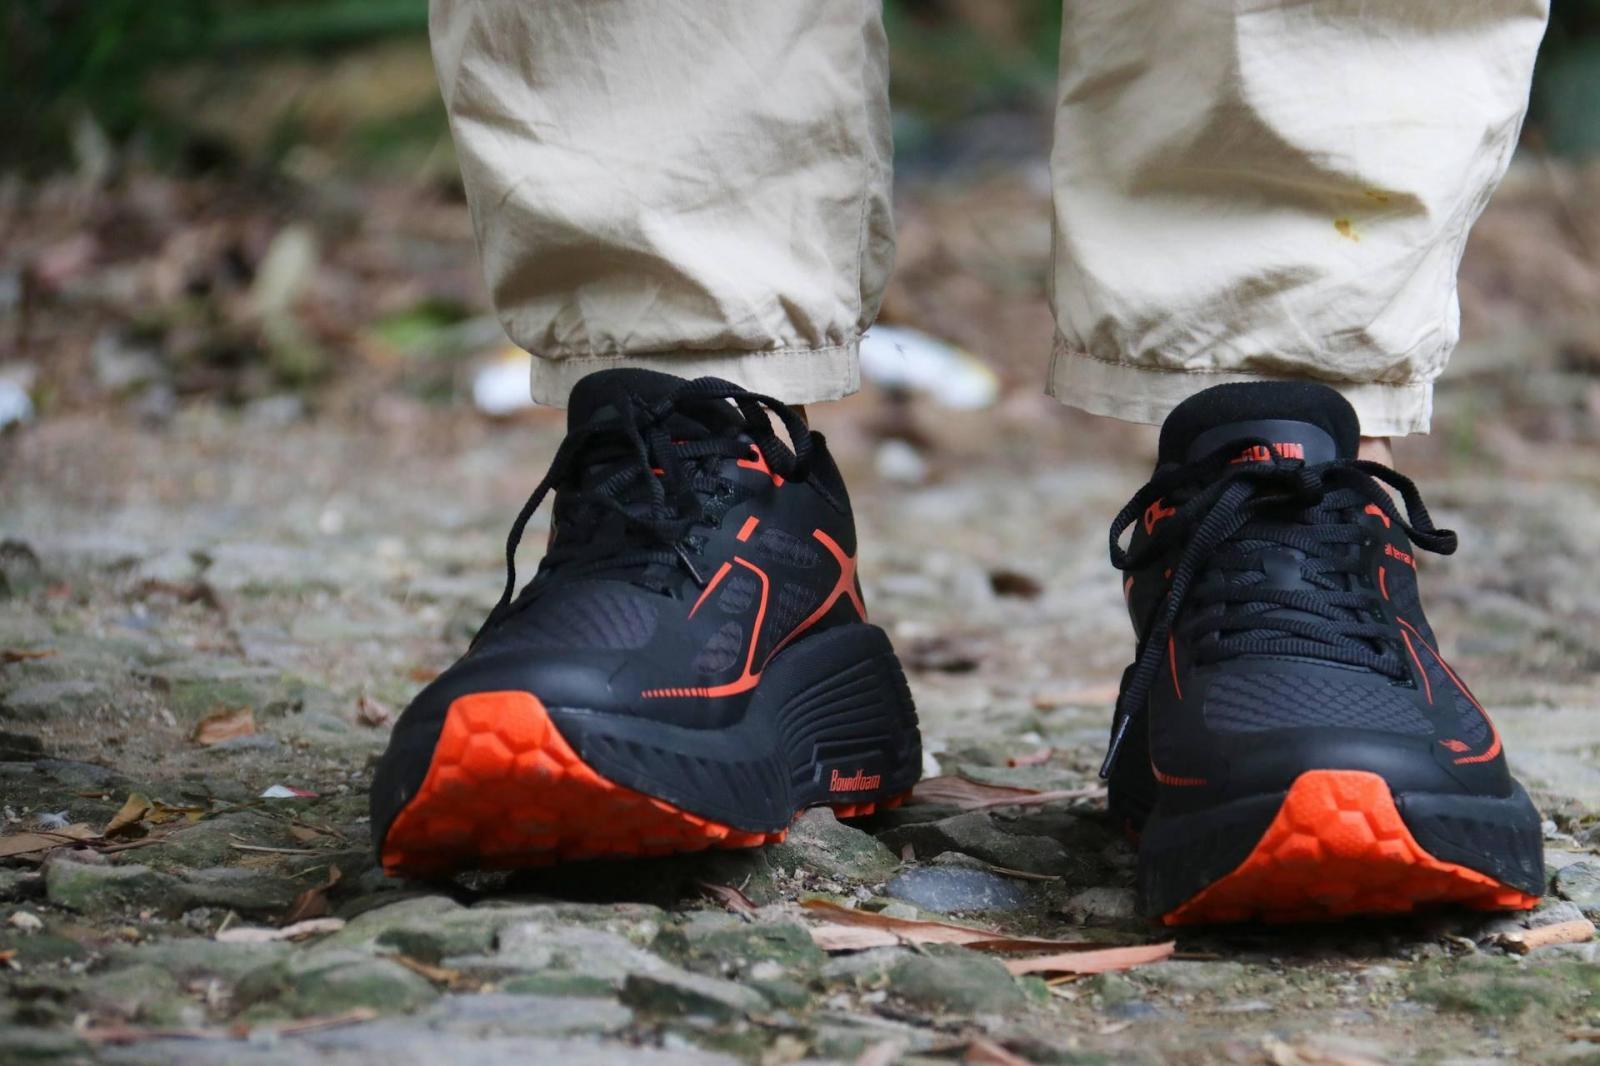 国产跑鞋你会选吗?这款其貌不扬的实用跑鞋你怎么看